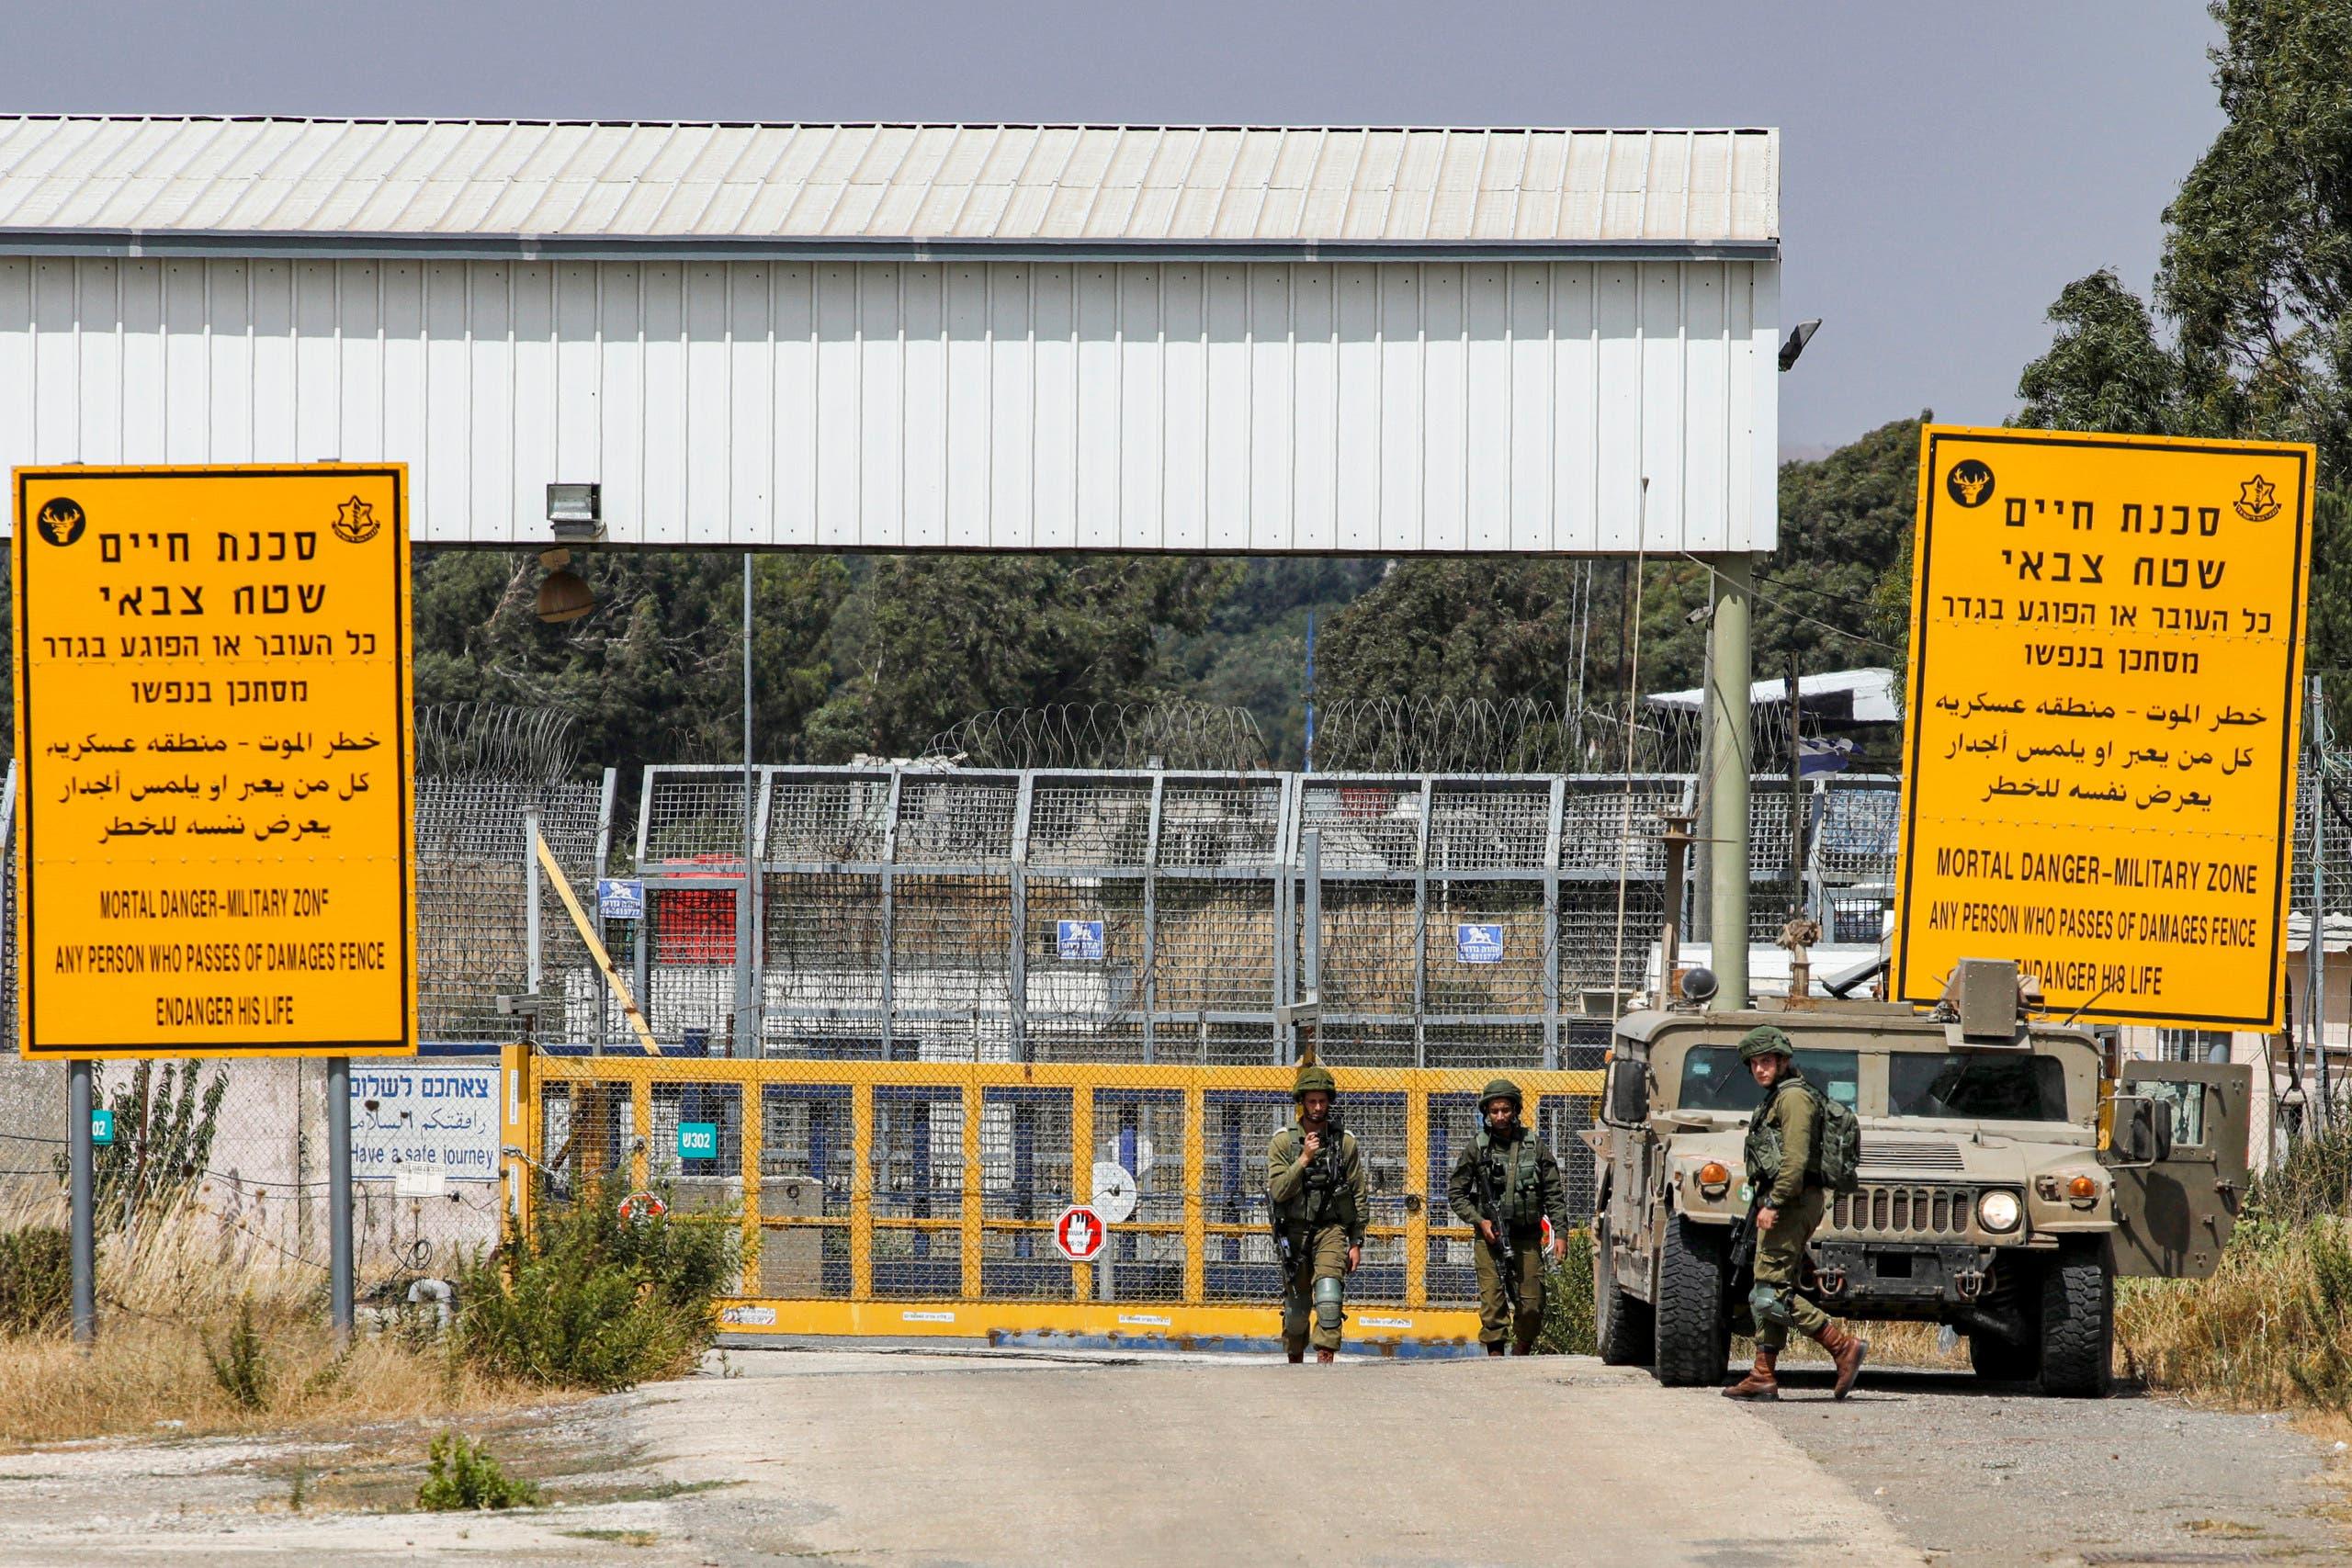 جنود وآليات إسرائيلية عند معبر حدودي مع سوريا تديره الأمم المتحدة في منطقة القنيطرة (أرشيفية)